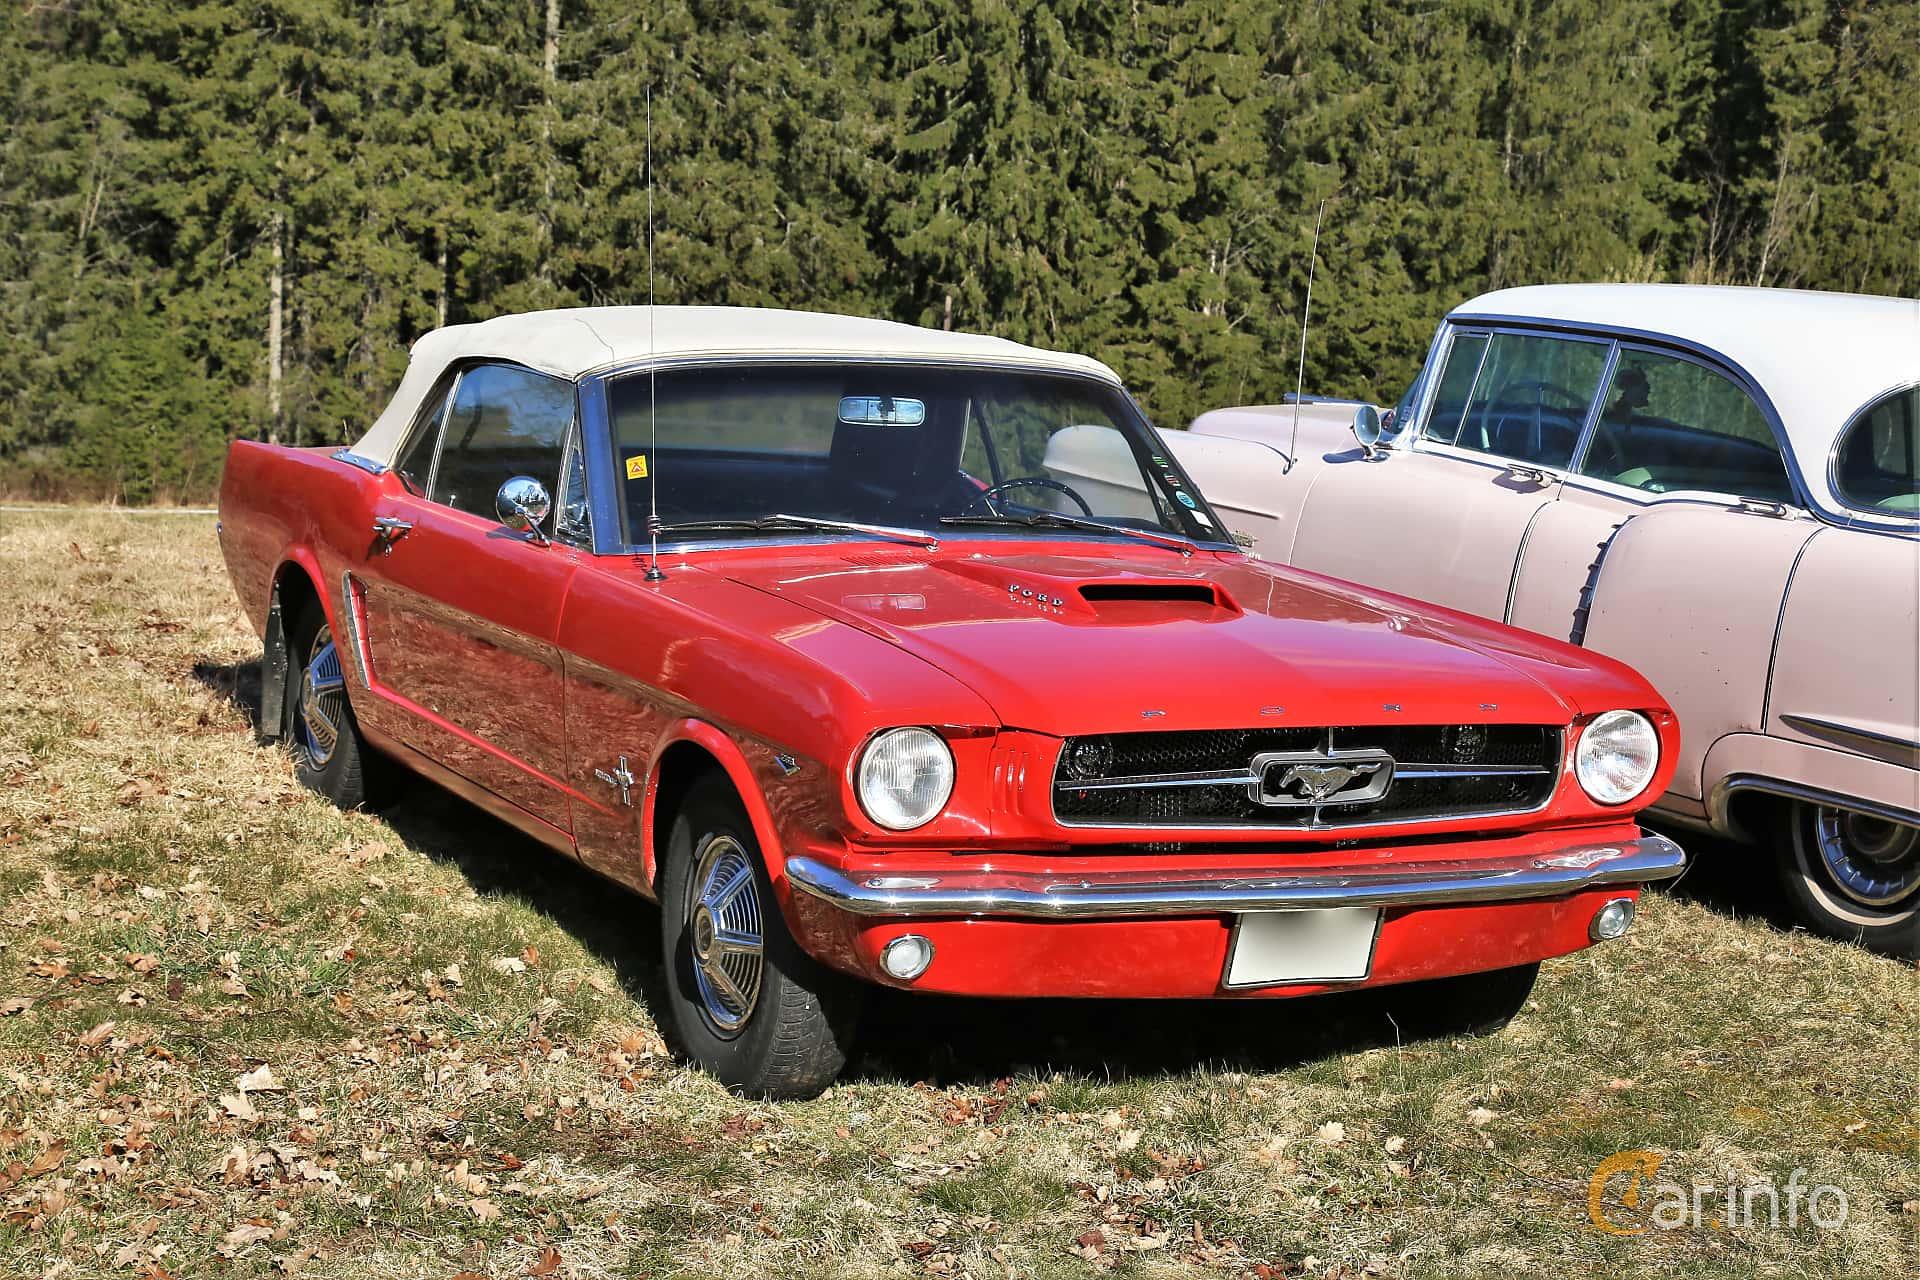 Ford Mustang GT Convertible 4.7 V8 Manual, 228hp, 1965 at Uddevalla Veteranbilsmarknad Backamo, Ljungsk 2019